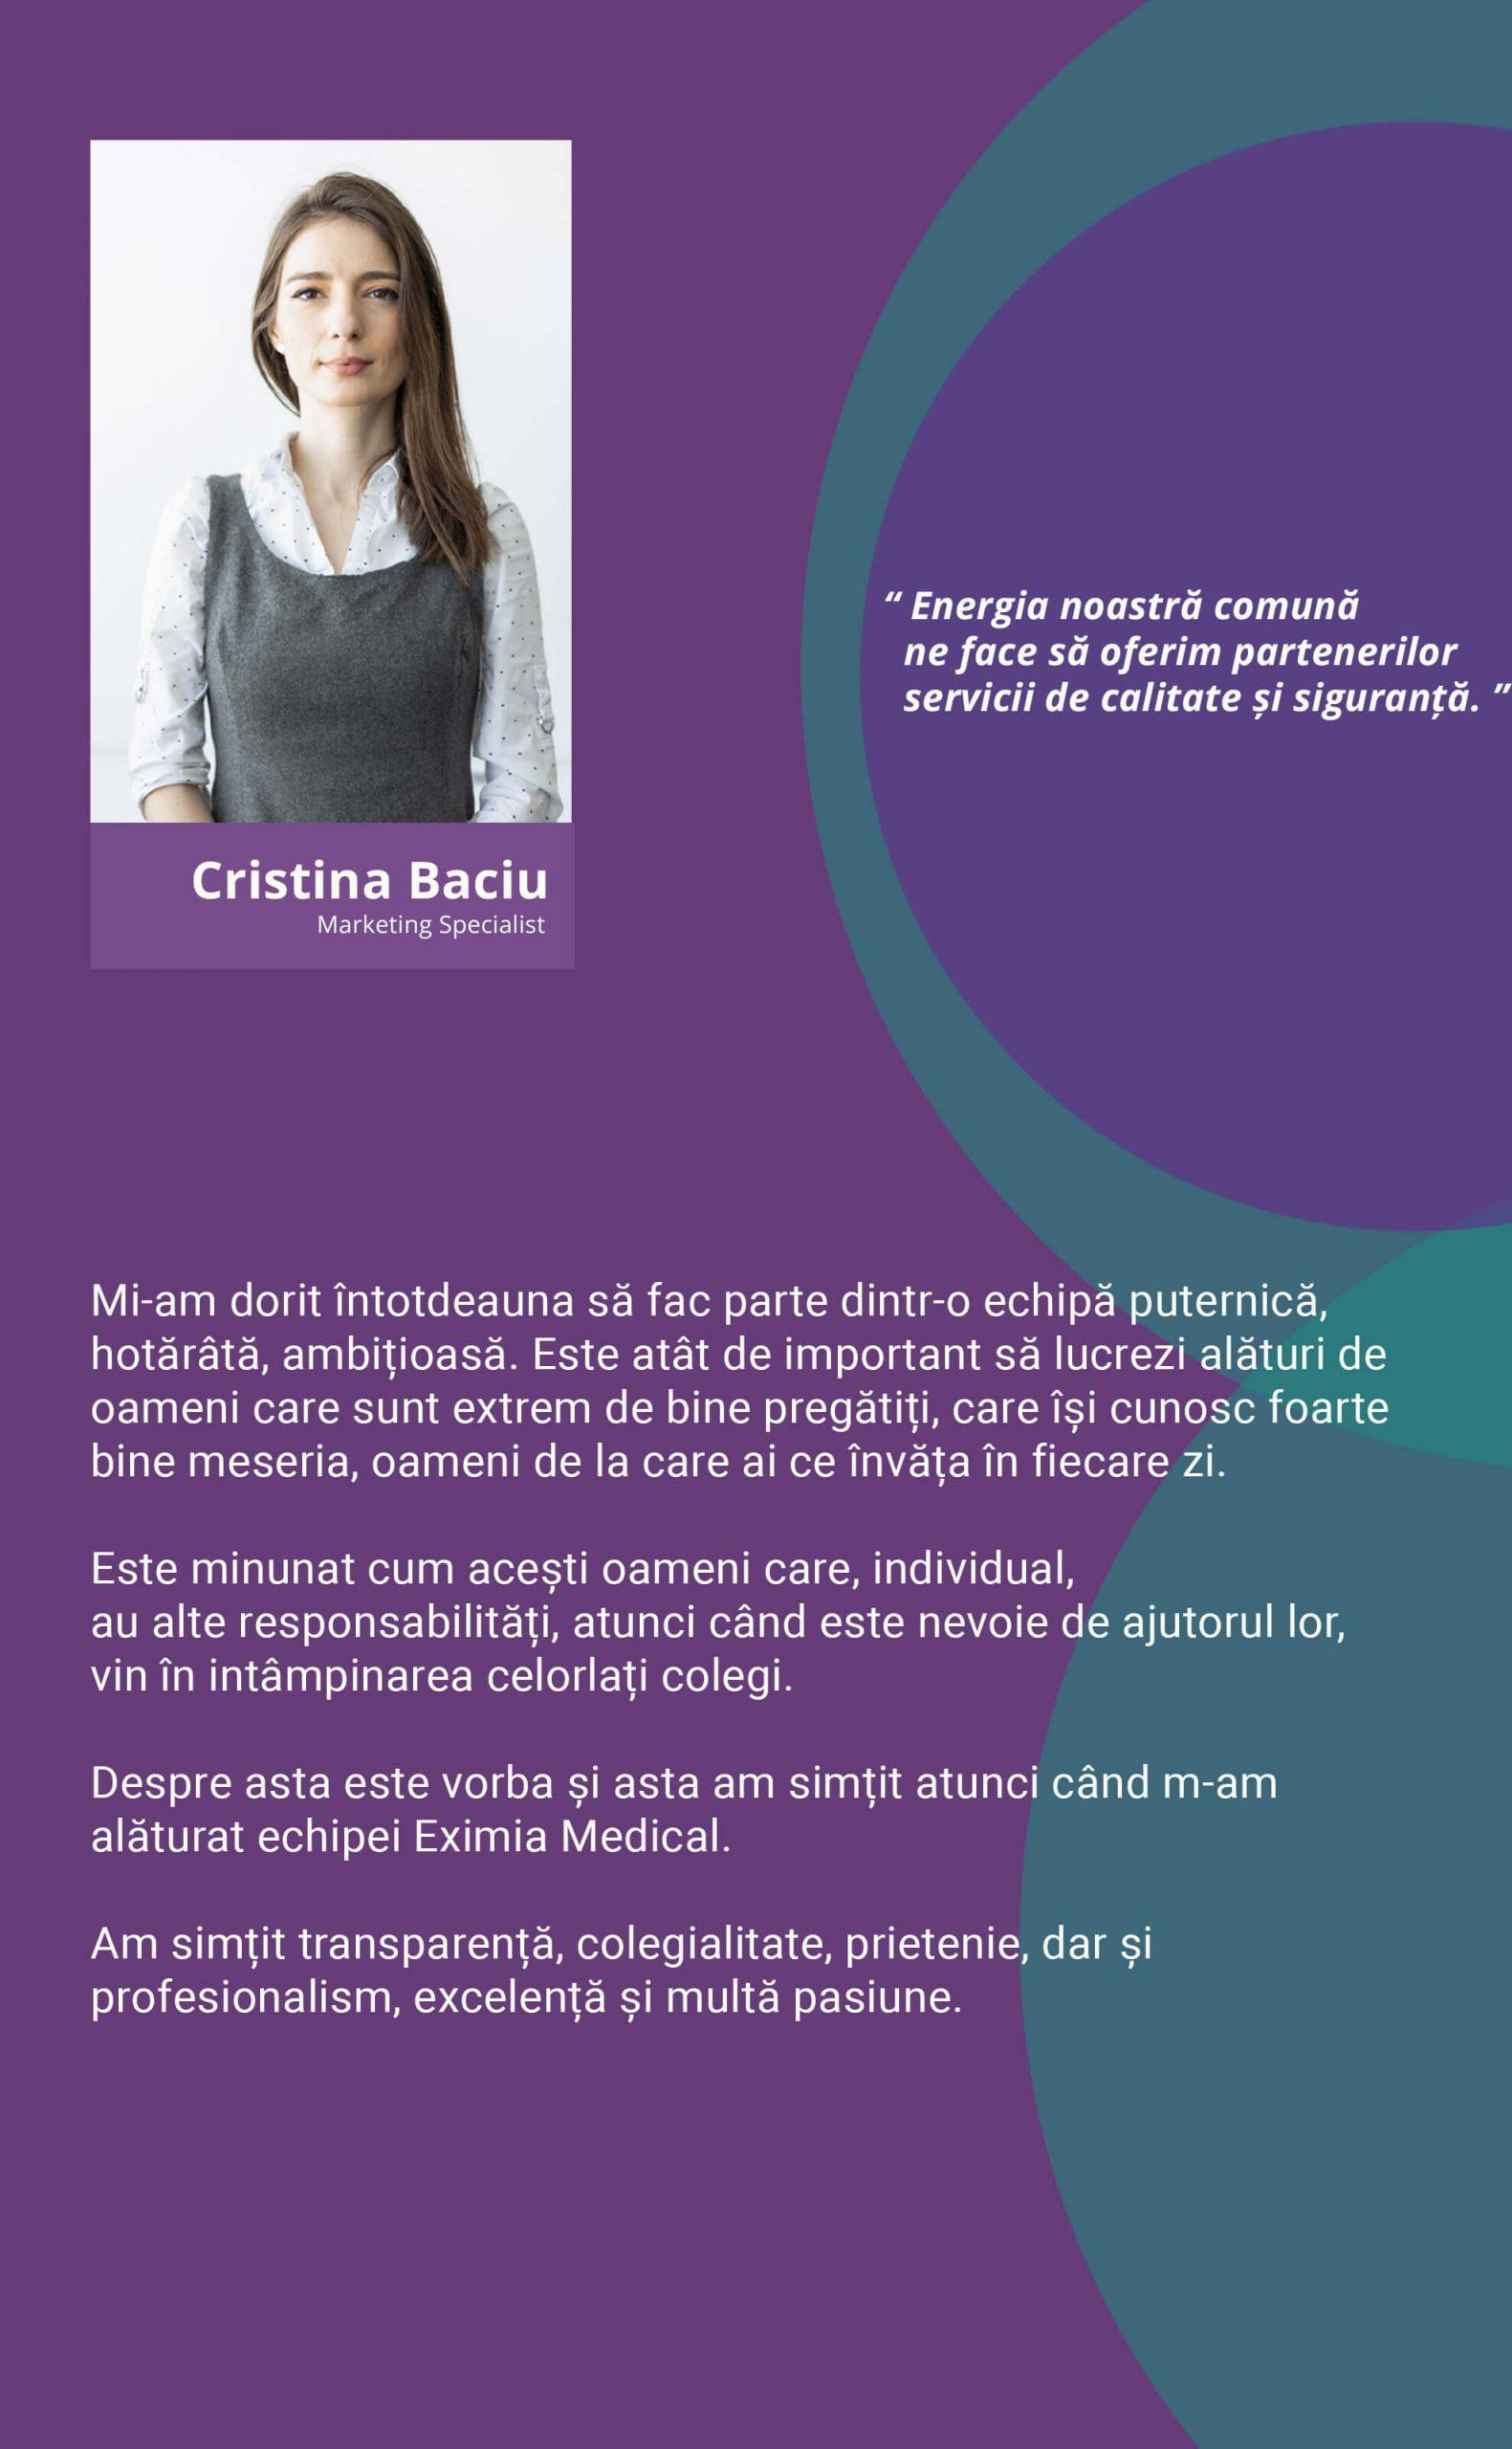 Cristina Baciu